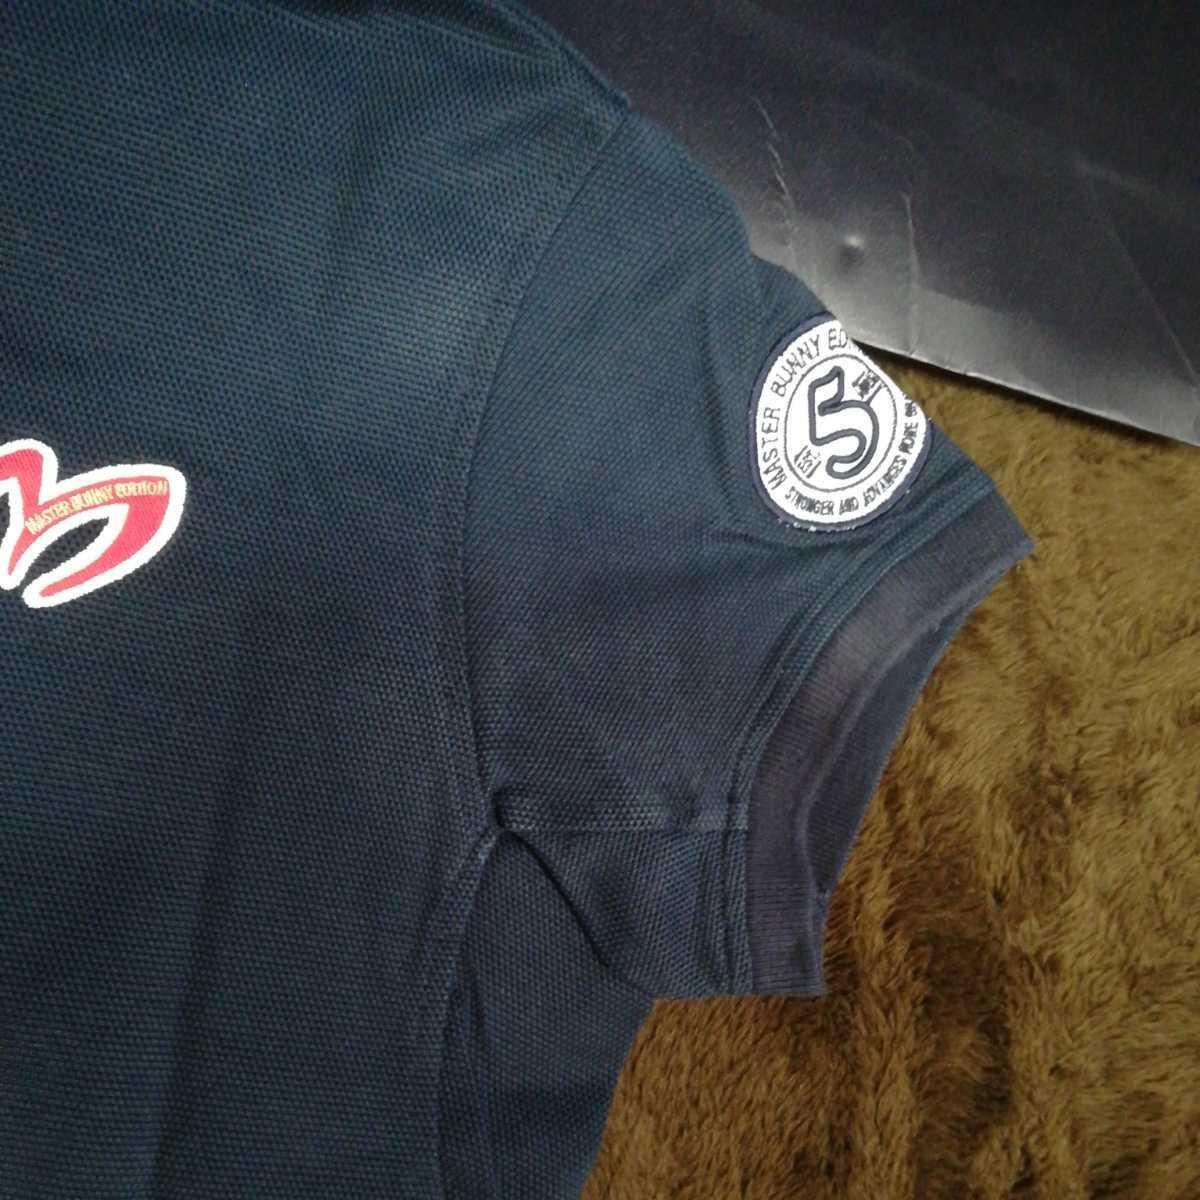 中古 正規品 マスターバニー パーリーゲイツ サイズ2 高品質エアロタッシェ素材 高機能 ポロシャツ 2枚セット 送料無料_画像3